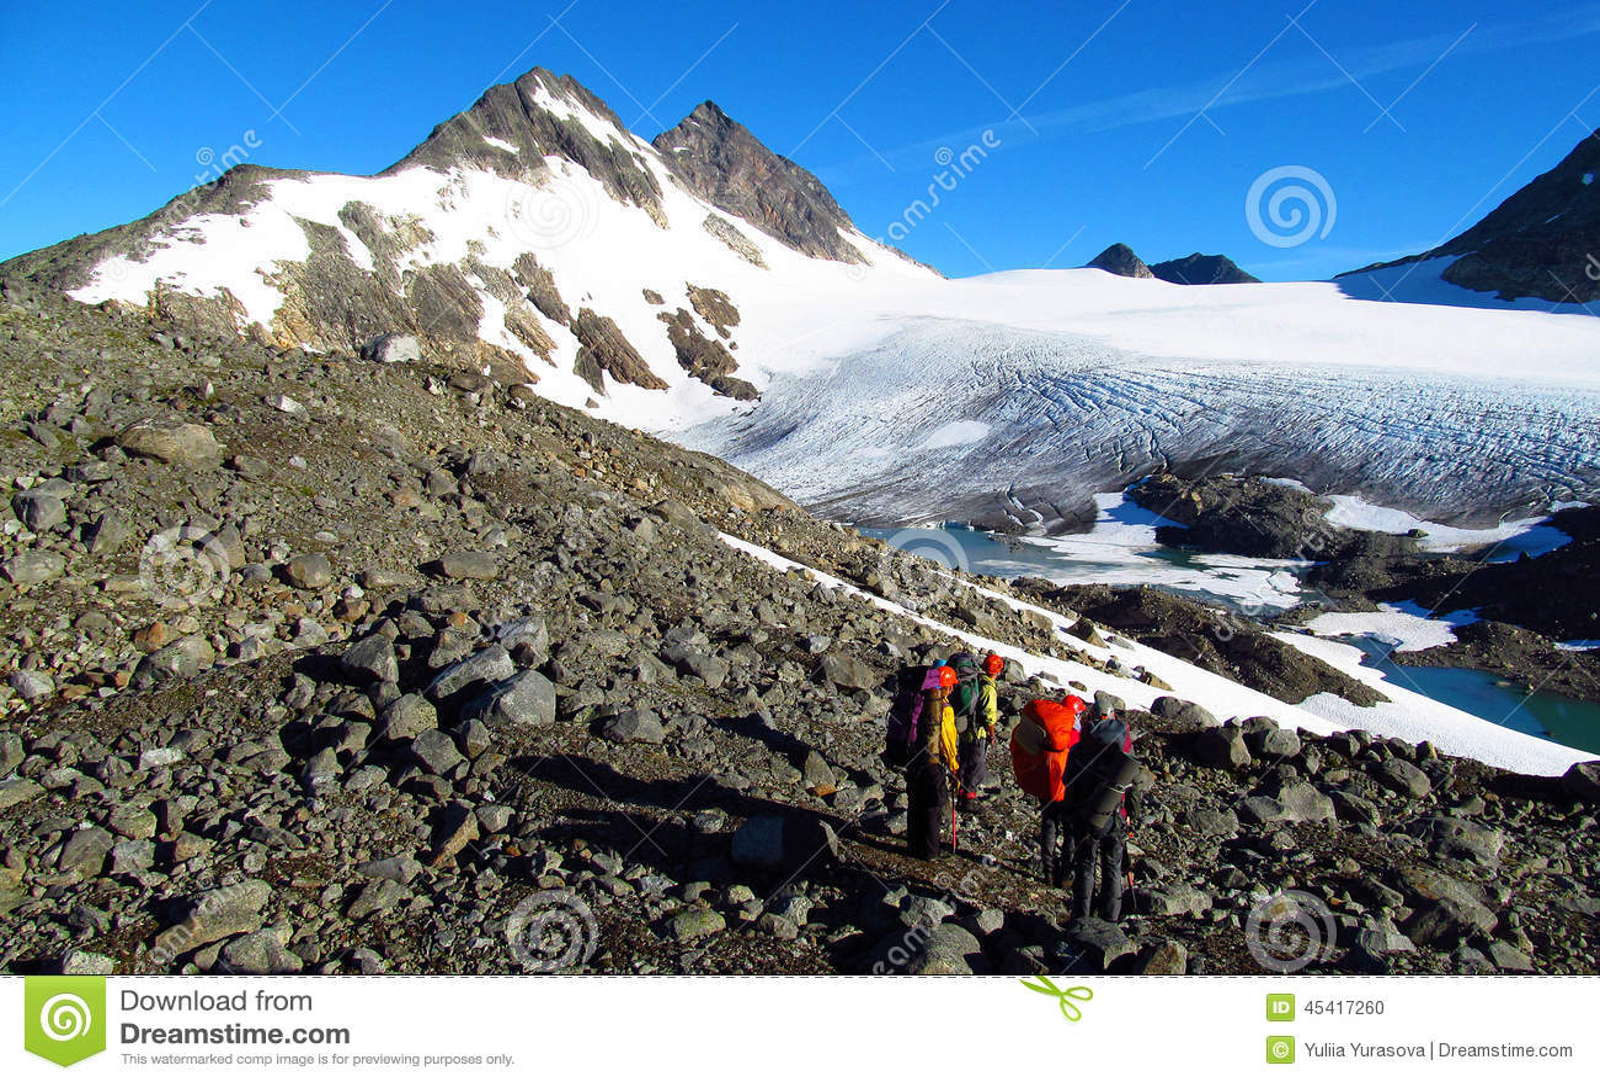 Grimpeurs de personnes, s élevant au sommet, aux crêtes de montagne rocheuse et au glacier en Norvège